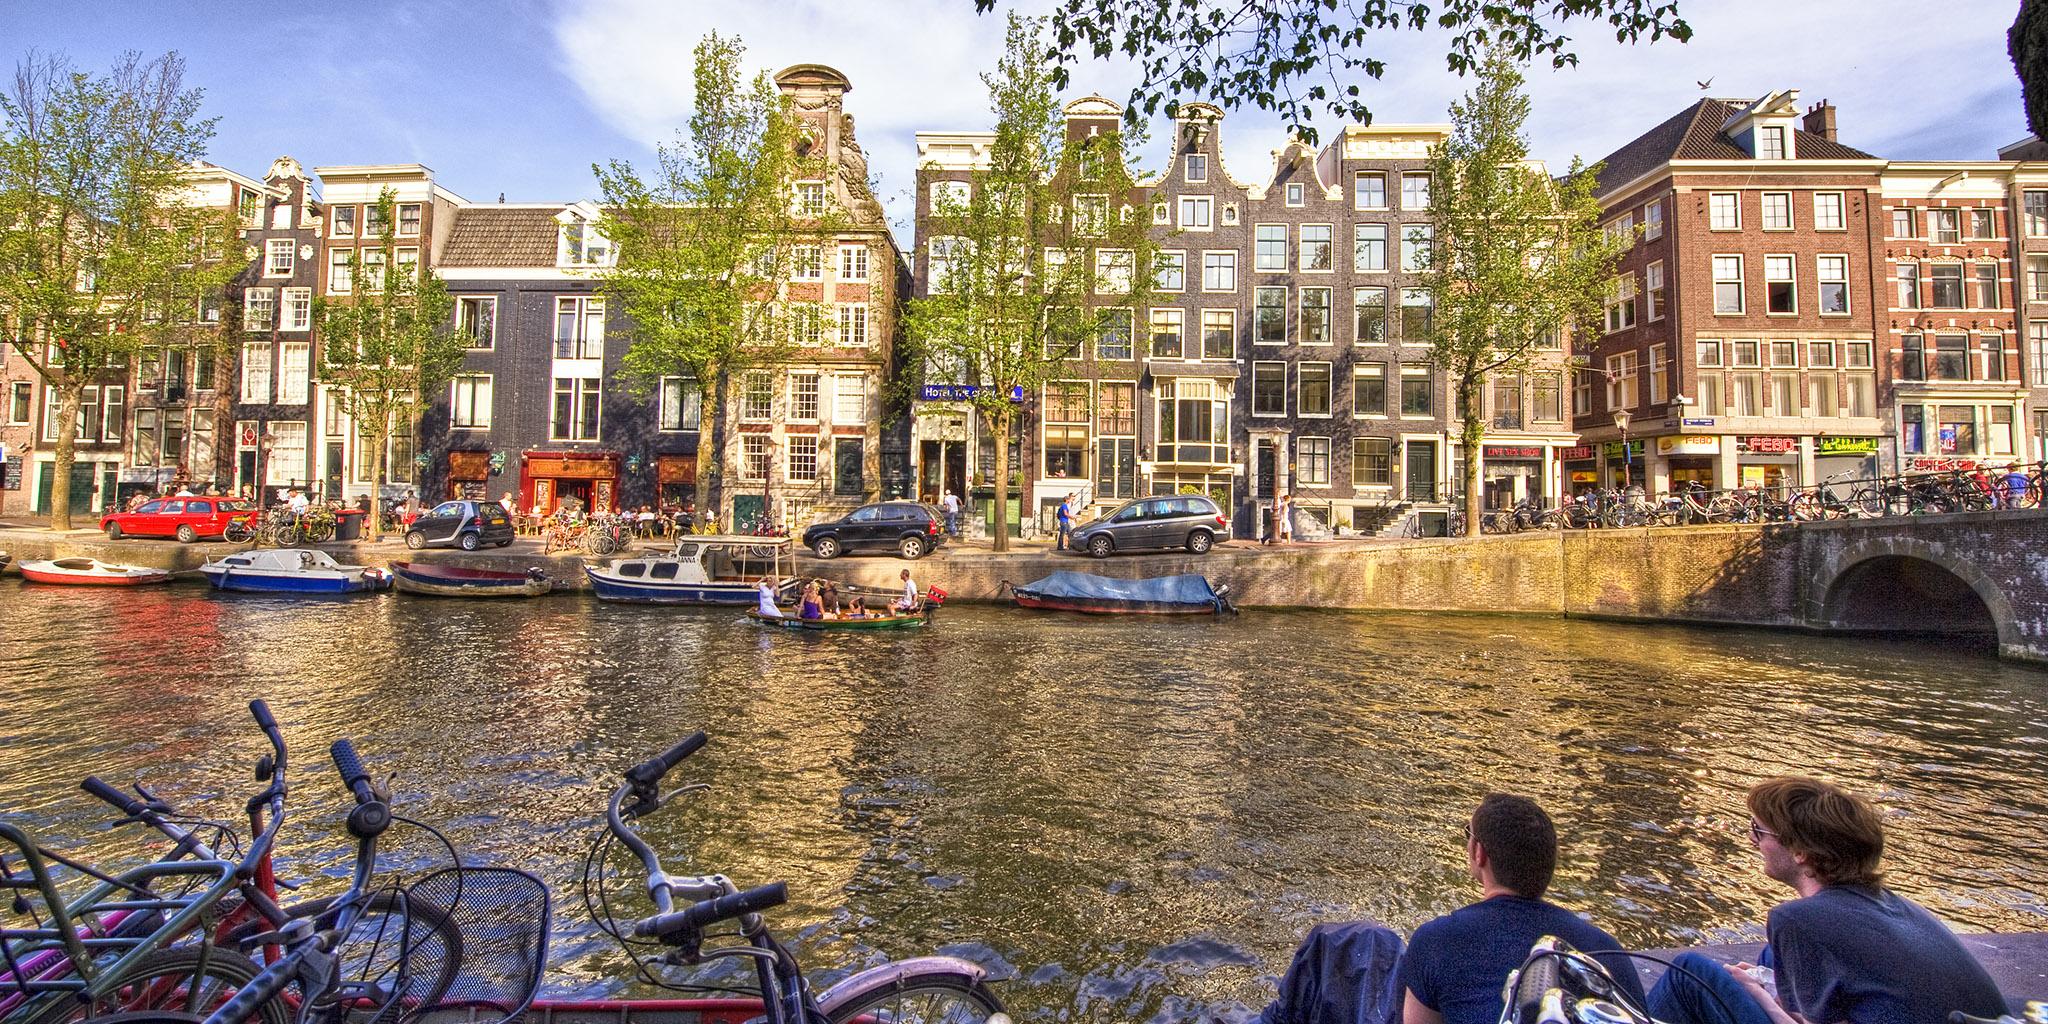 Amsterdam HDR2 07 Oudezijdsvoorburgwal-Korte Niezel